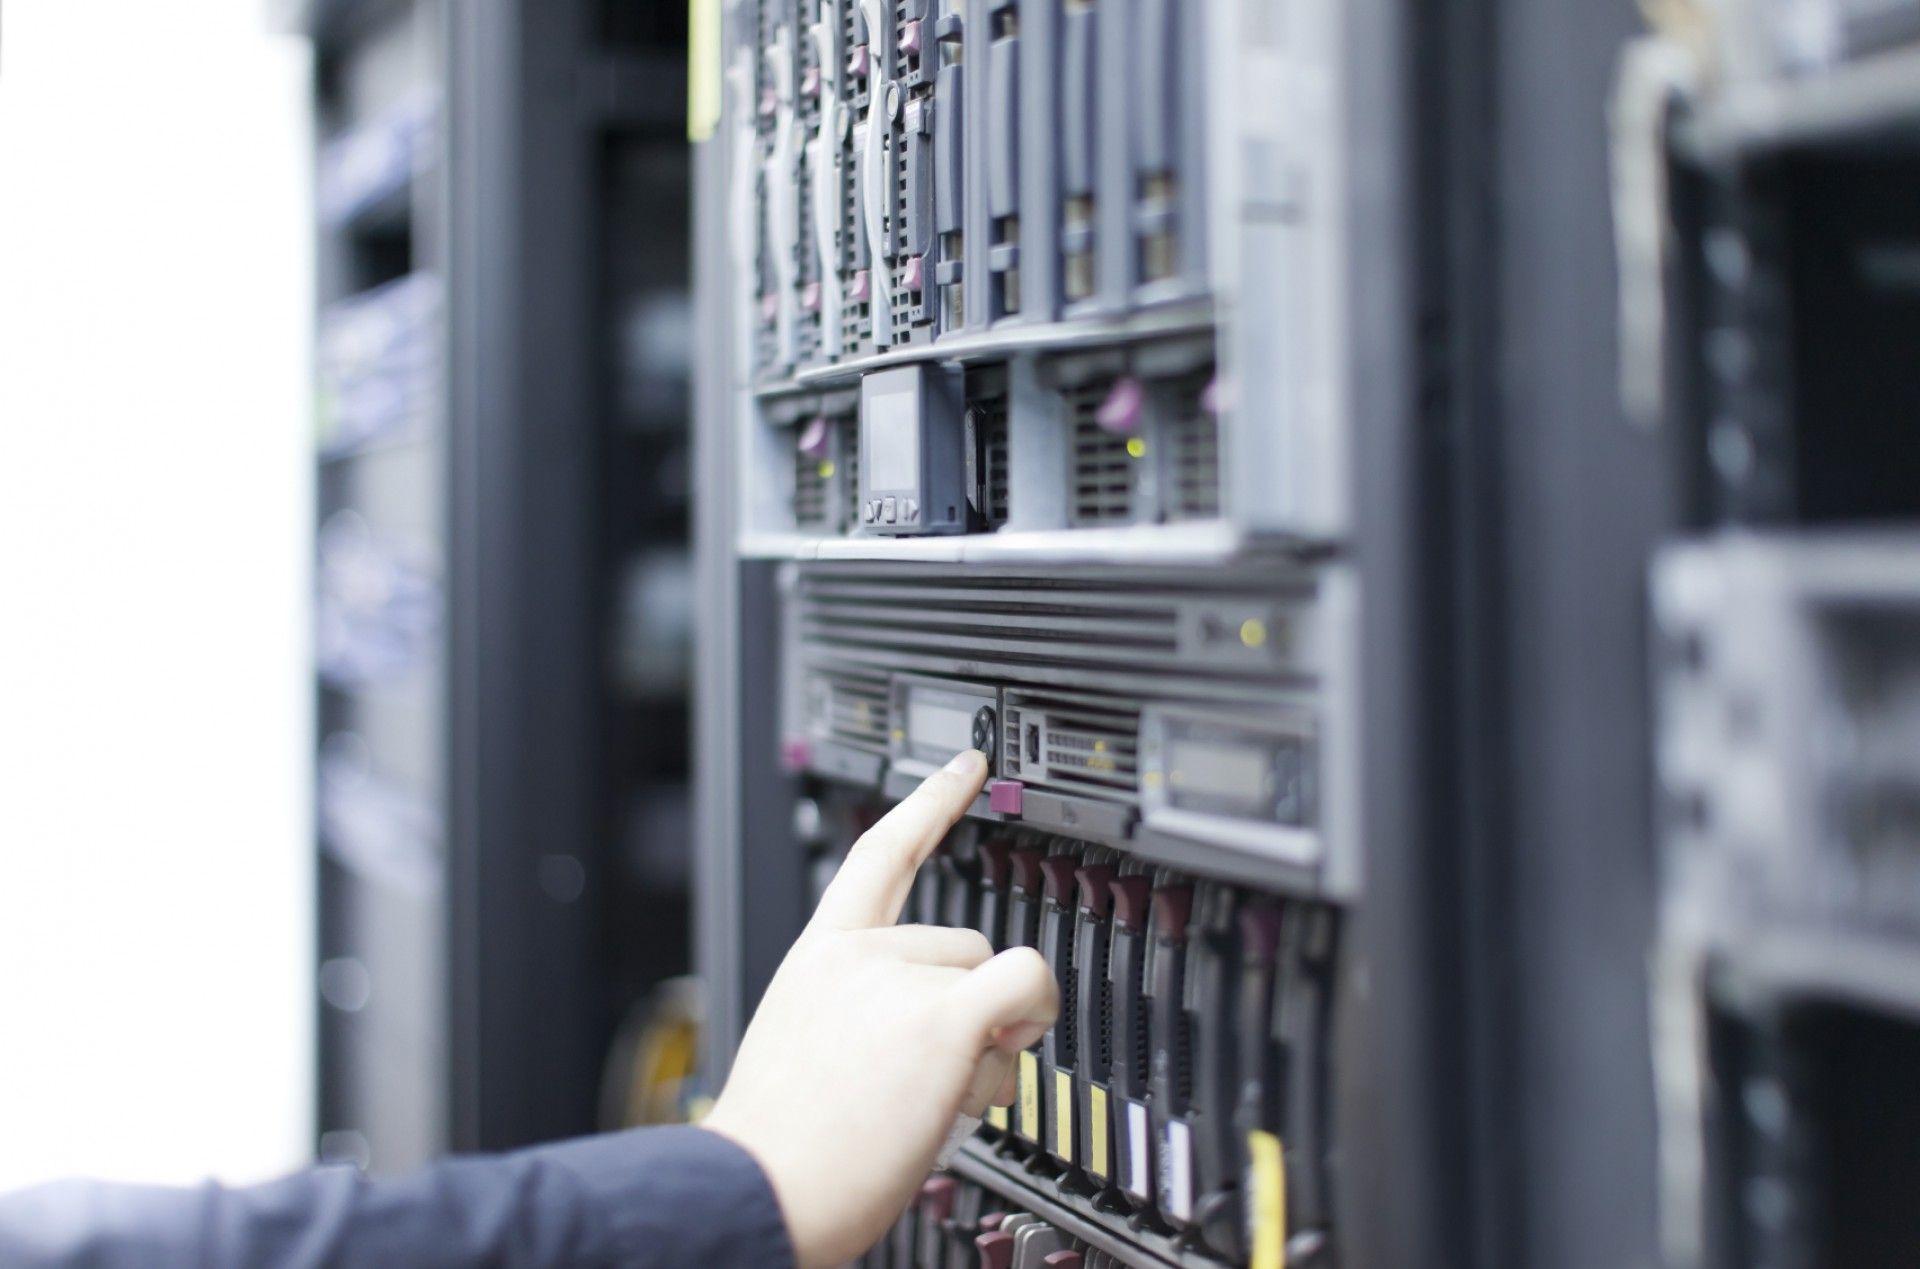 Обслуживание парка компьютеров и печатной техники, АТС